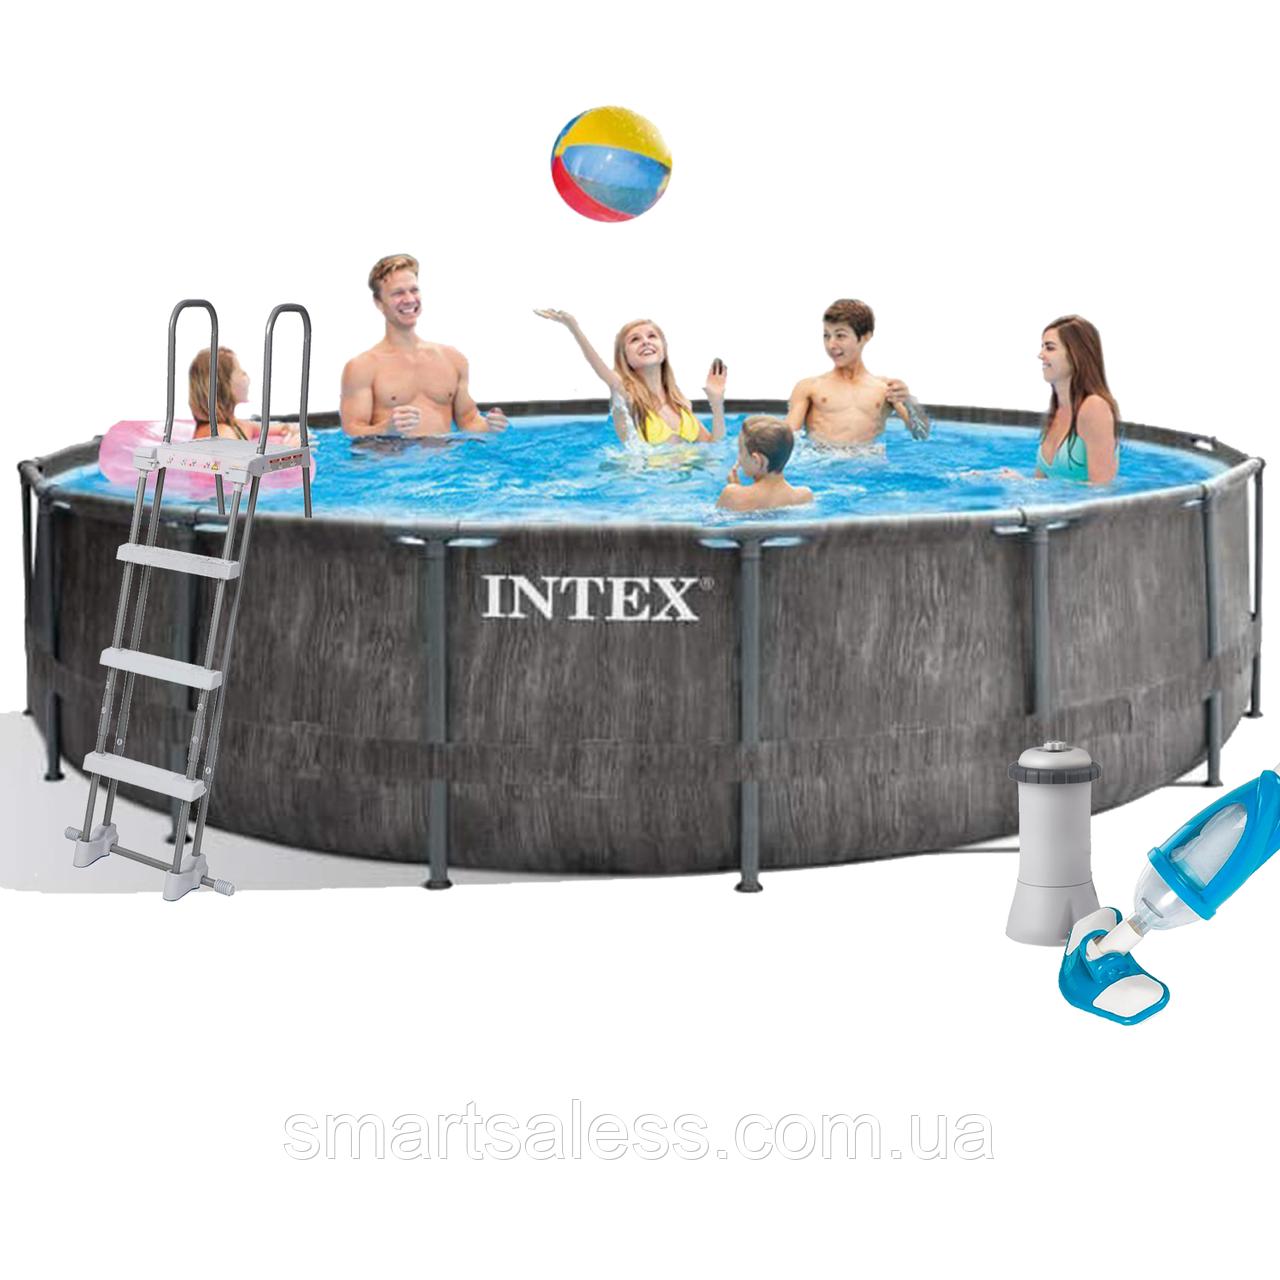 Каркасний басейн Intex, 457 x 122 см, насос 3 785 л/год, сходи, тент, підстилка, набір для догляду